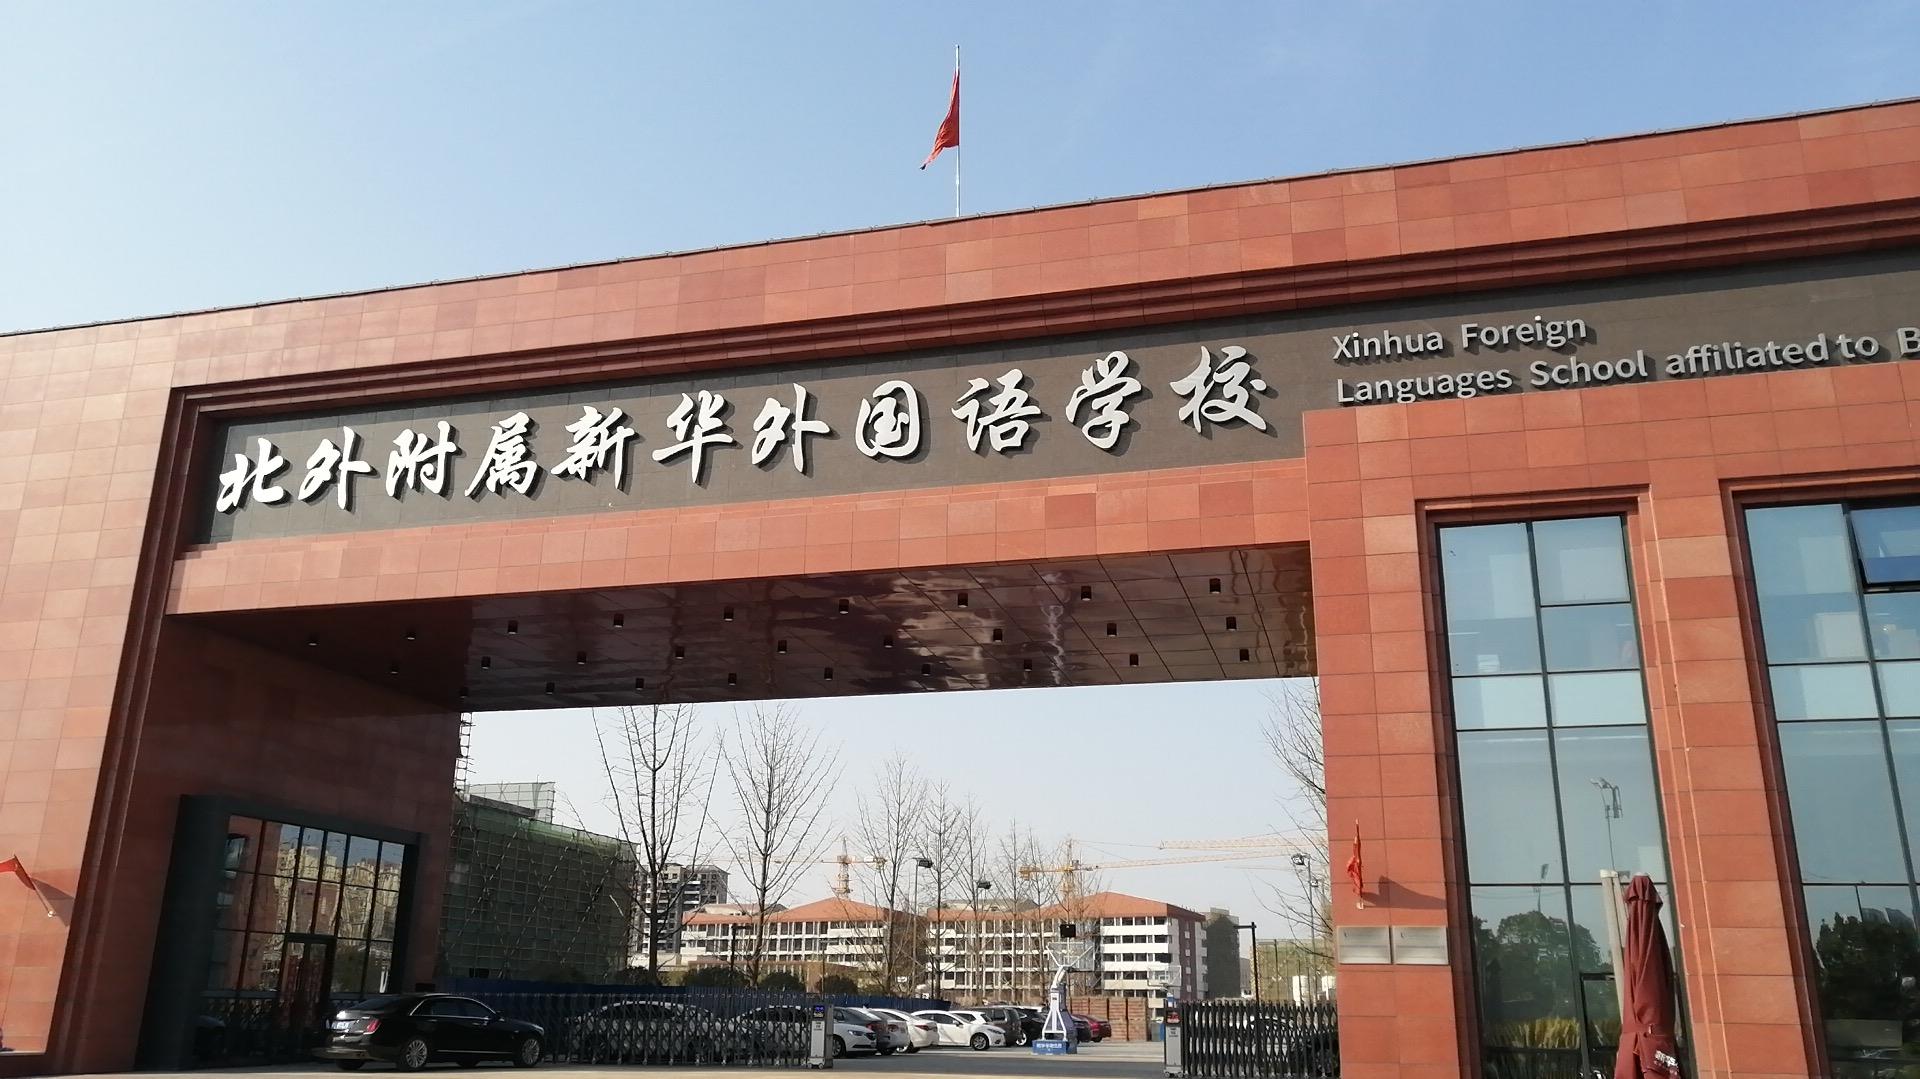 阜阳北外附属新华外国语学校